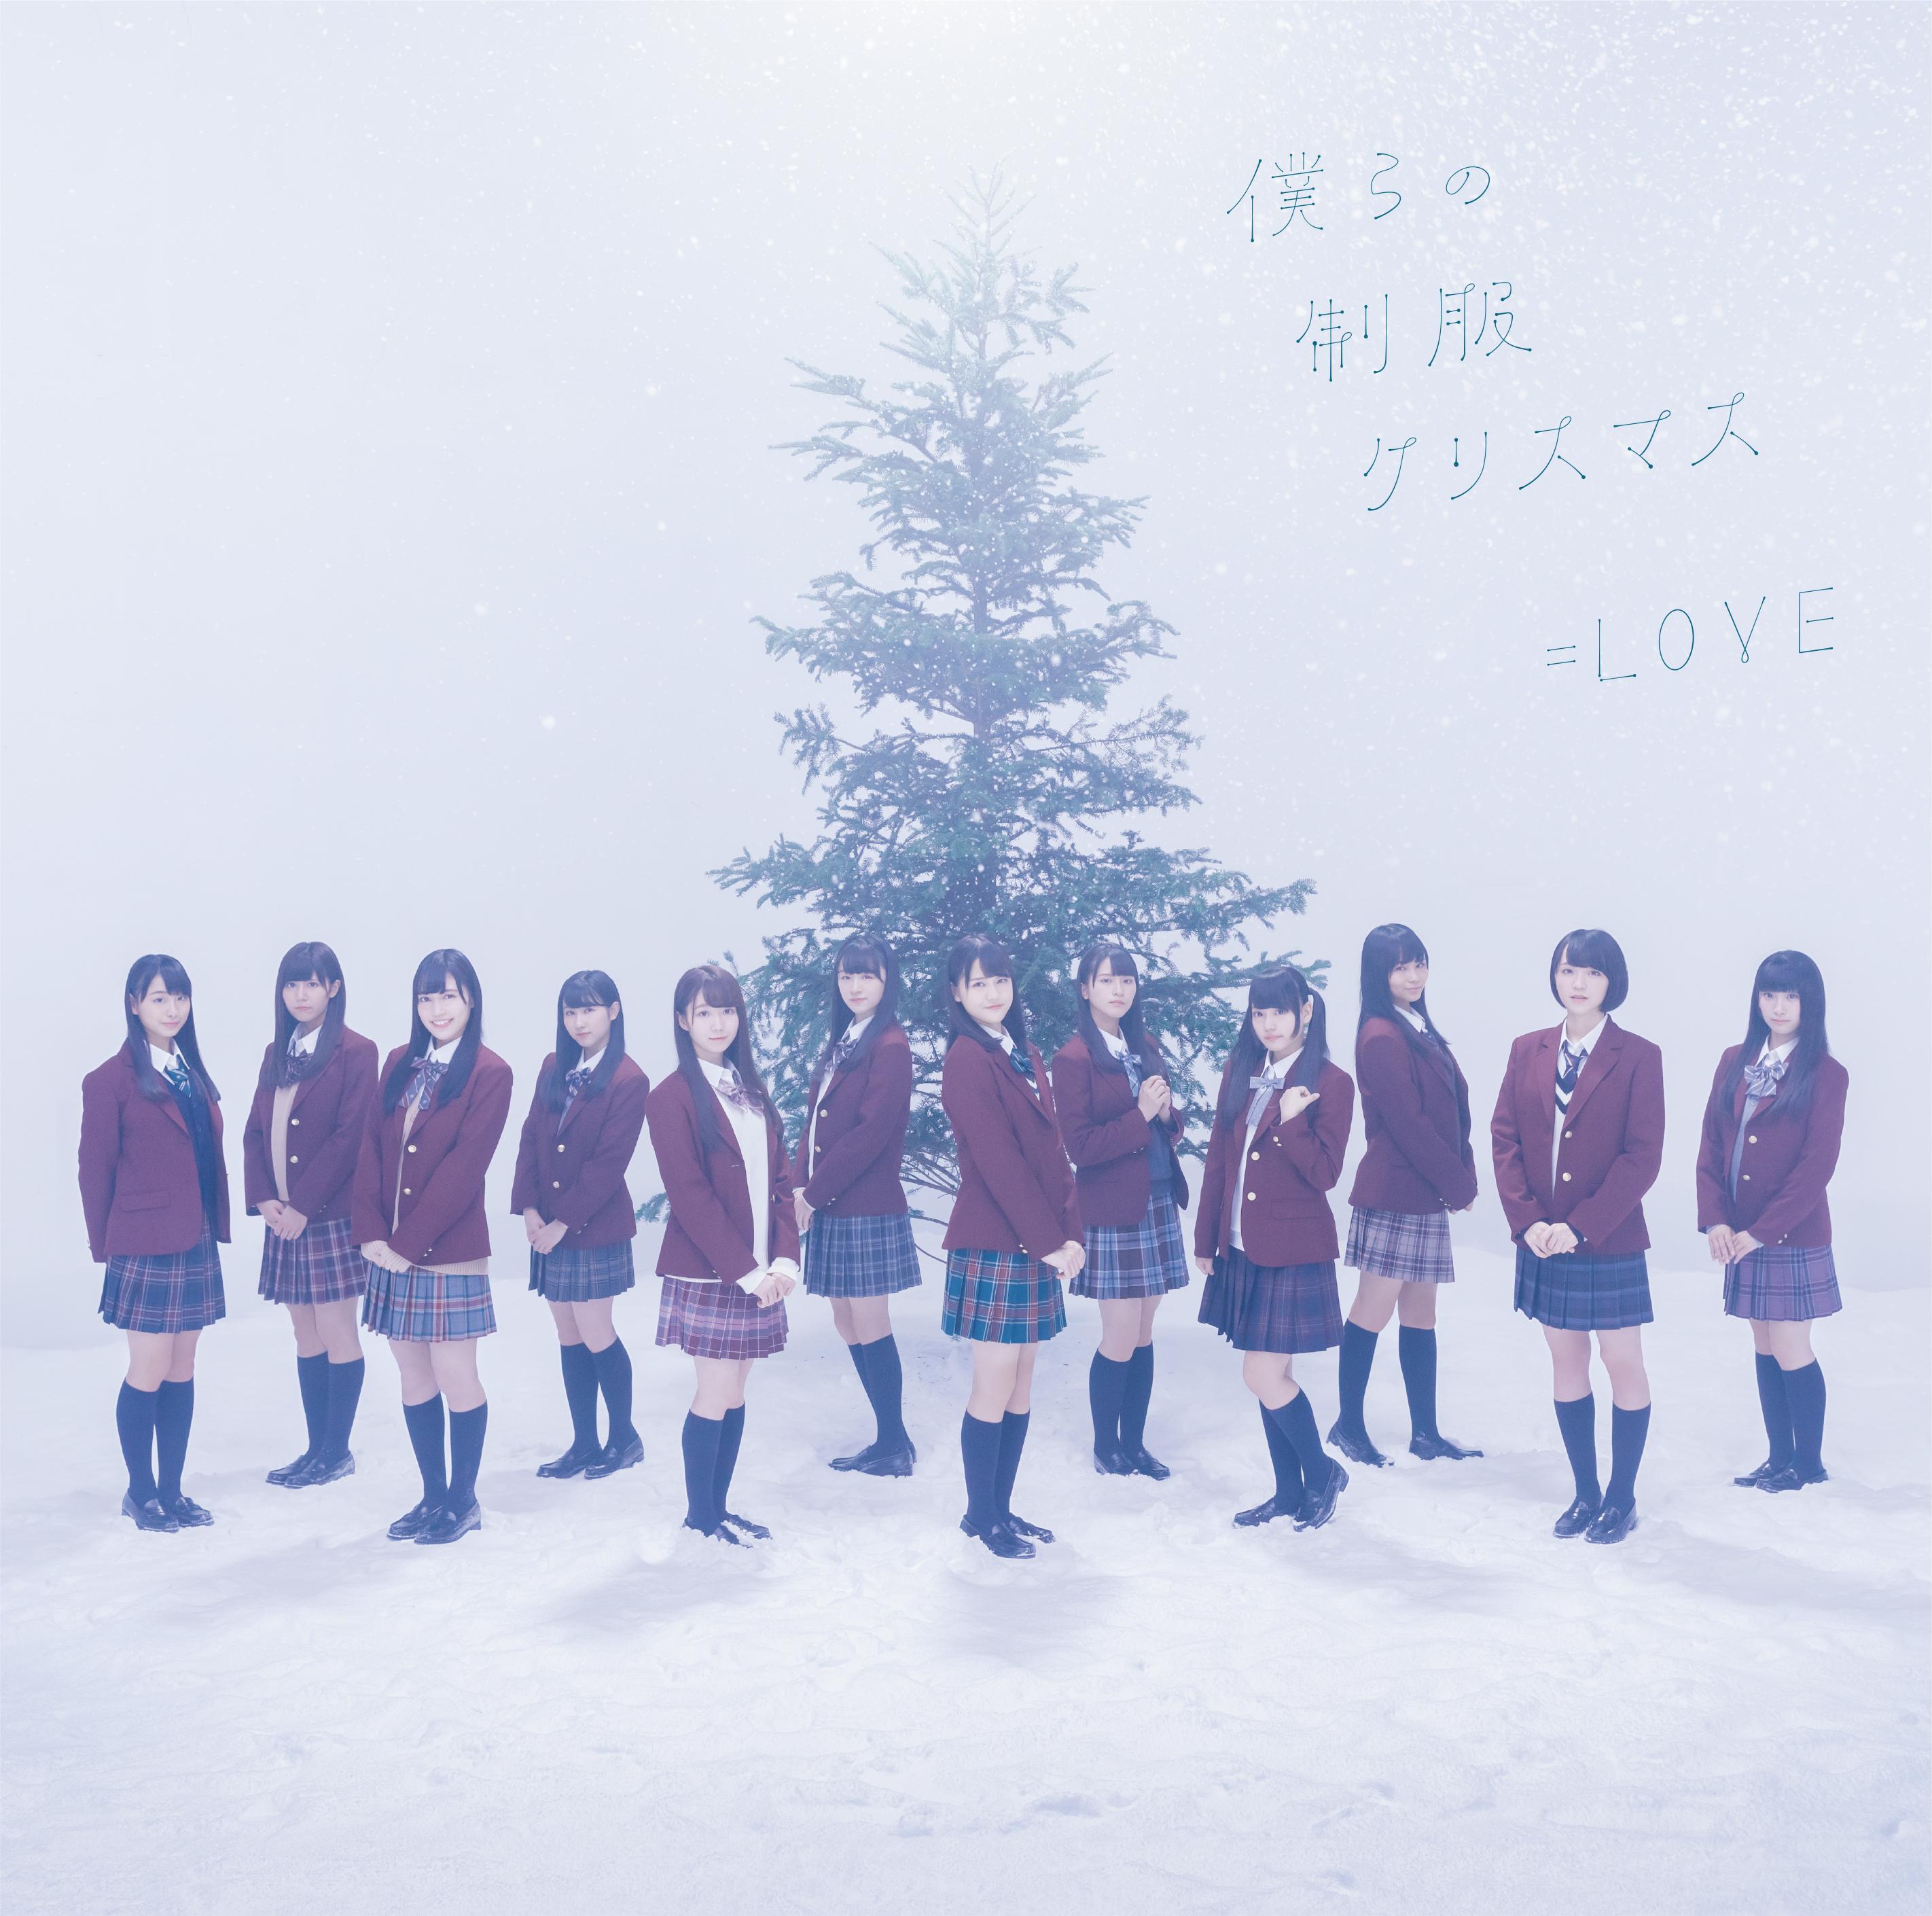 僕らの制服クリスマス [CD+DVD/Type-A](初回仕様限定盤)